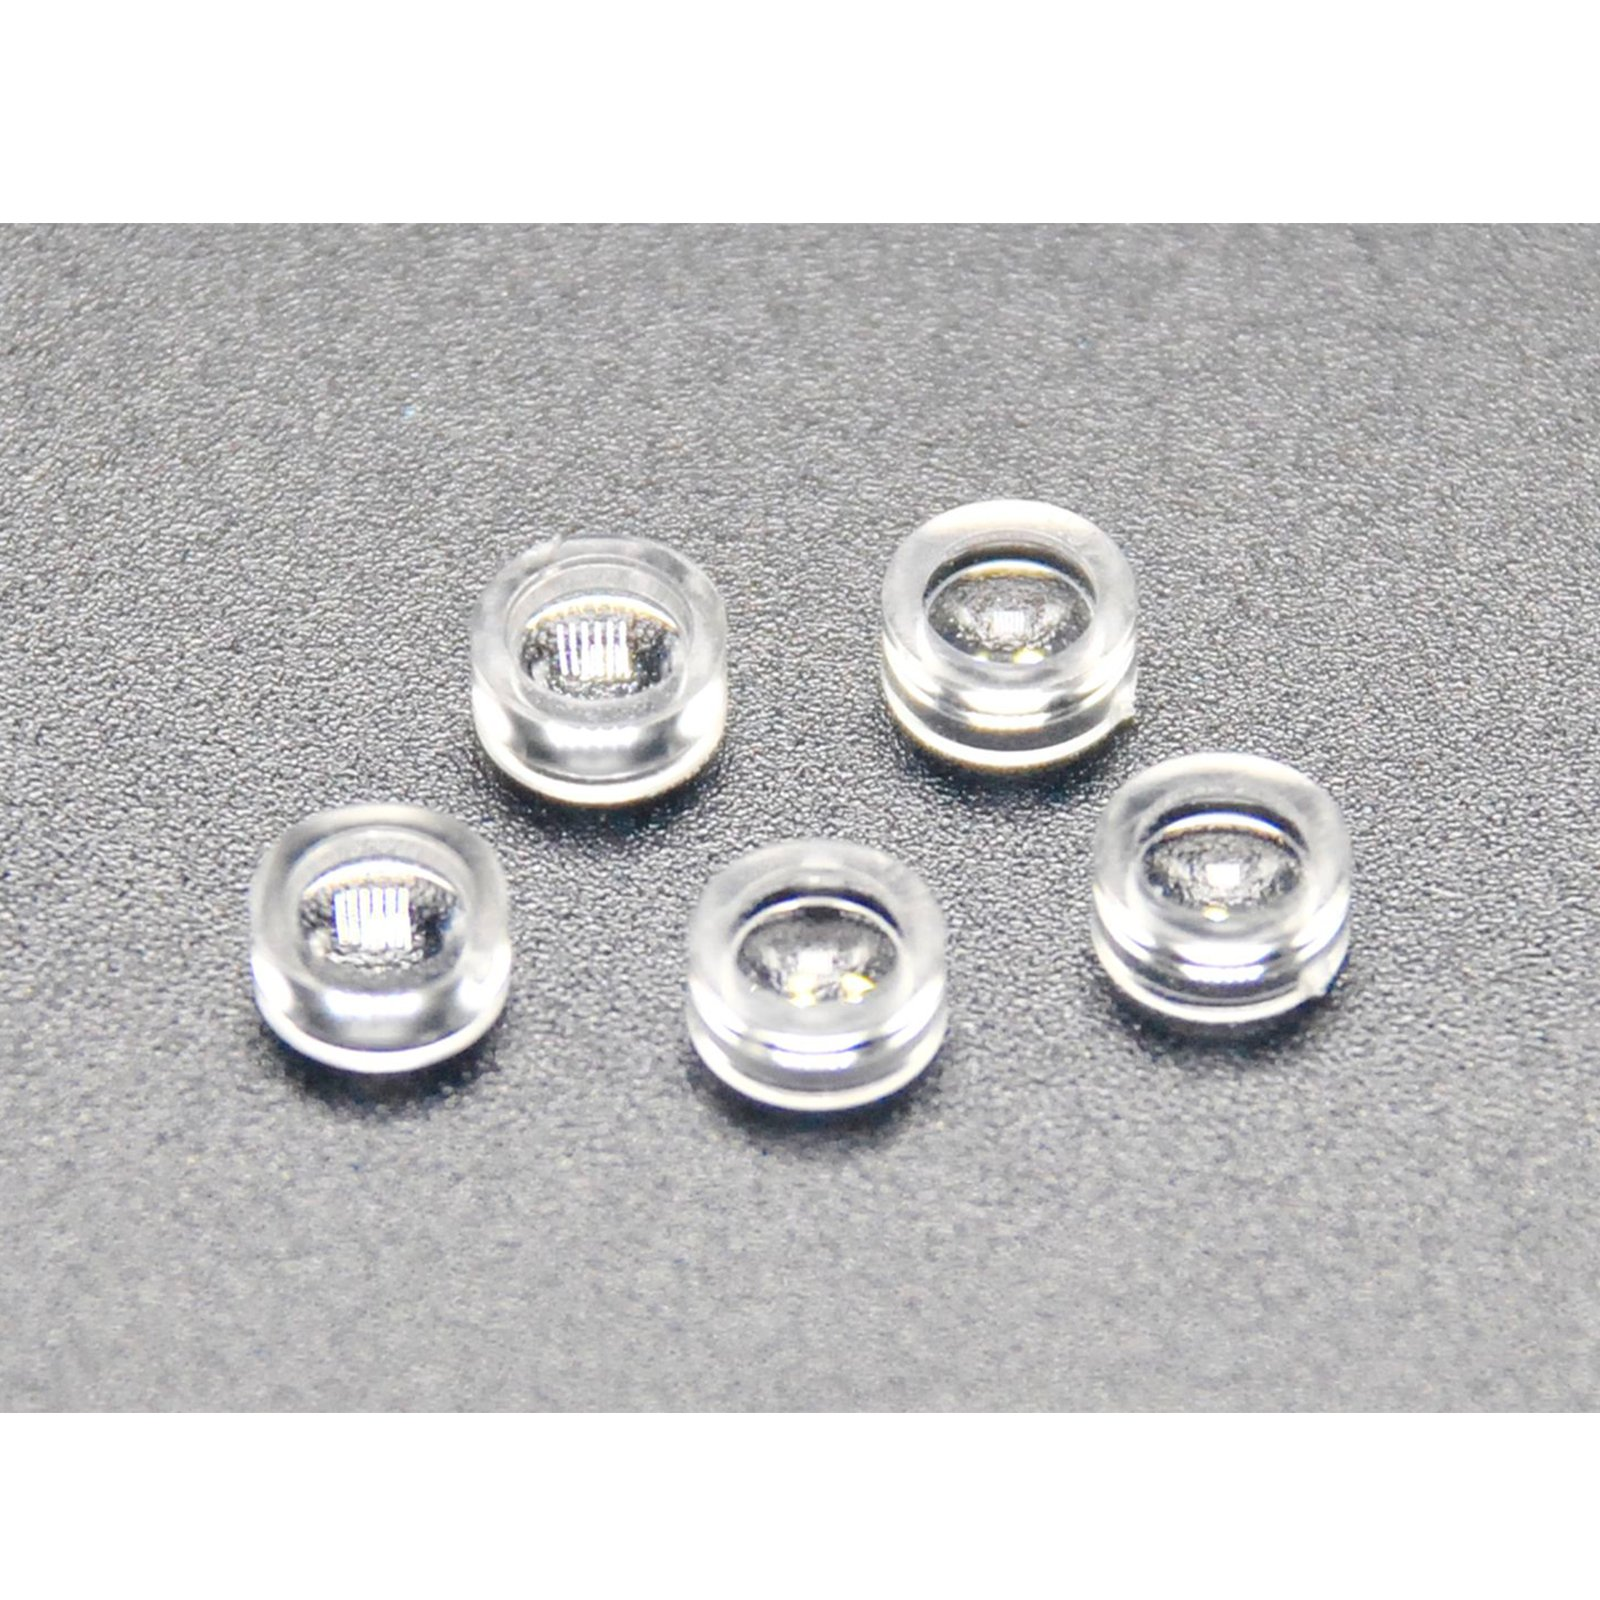 7mm Collimating lens/Focusing Lens for Laser Diodes